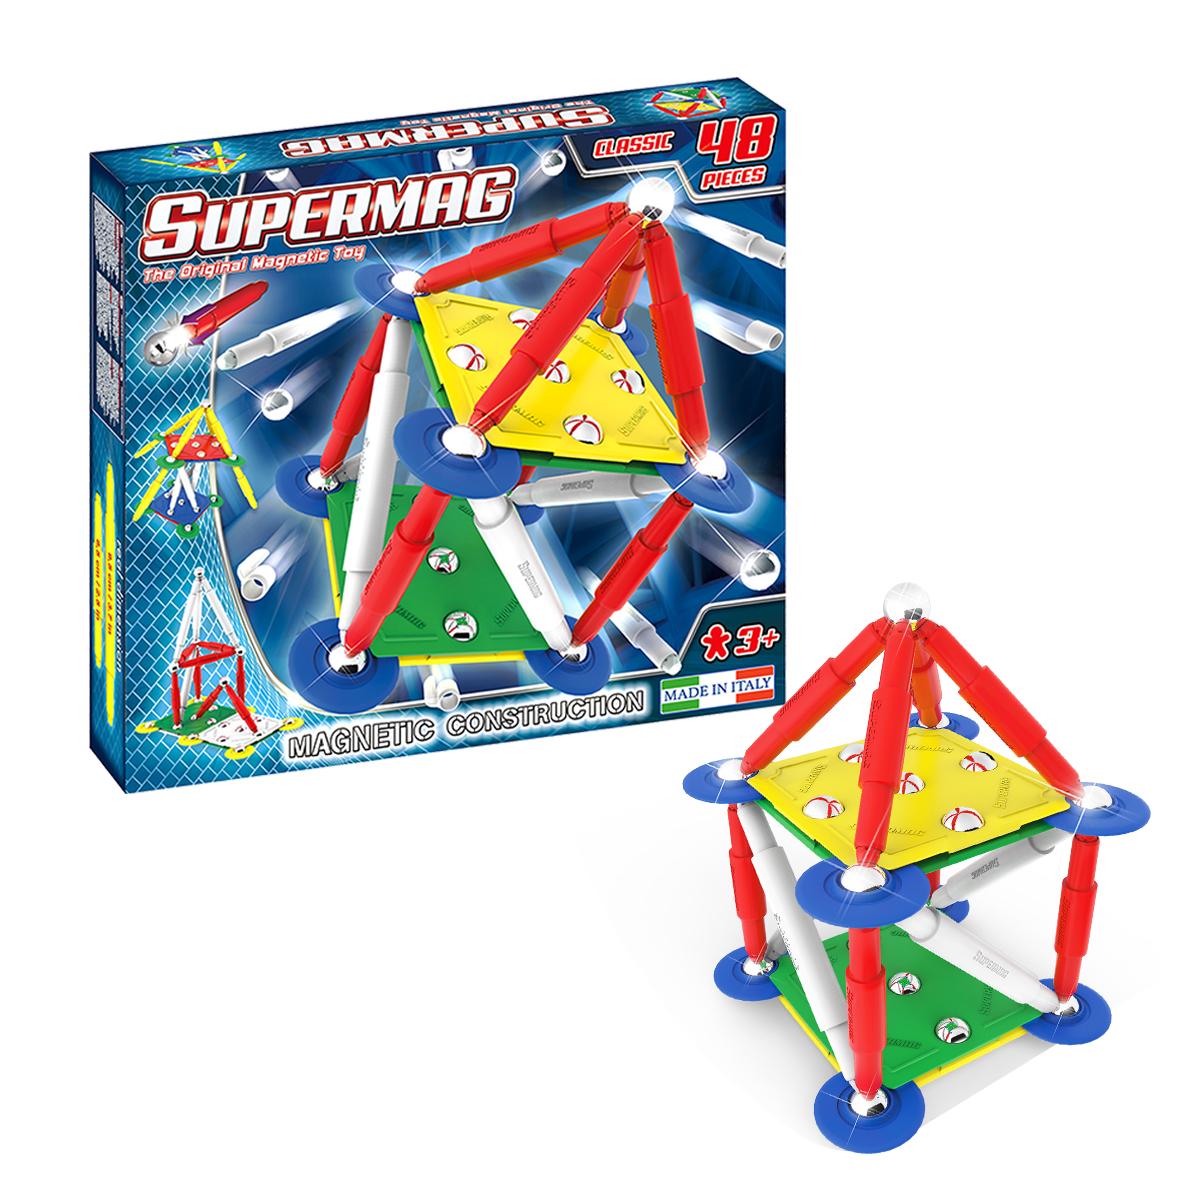 組立て遊びの新商品! スーパーマグシリーズ